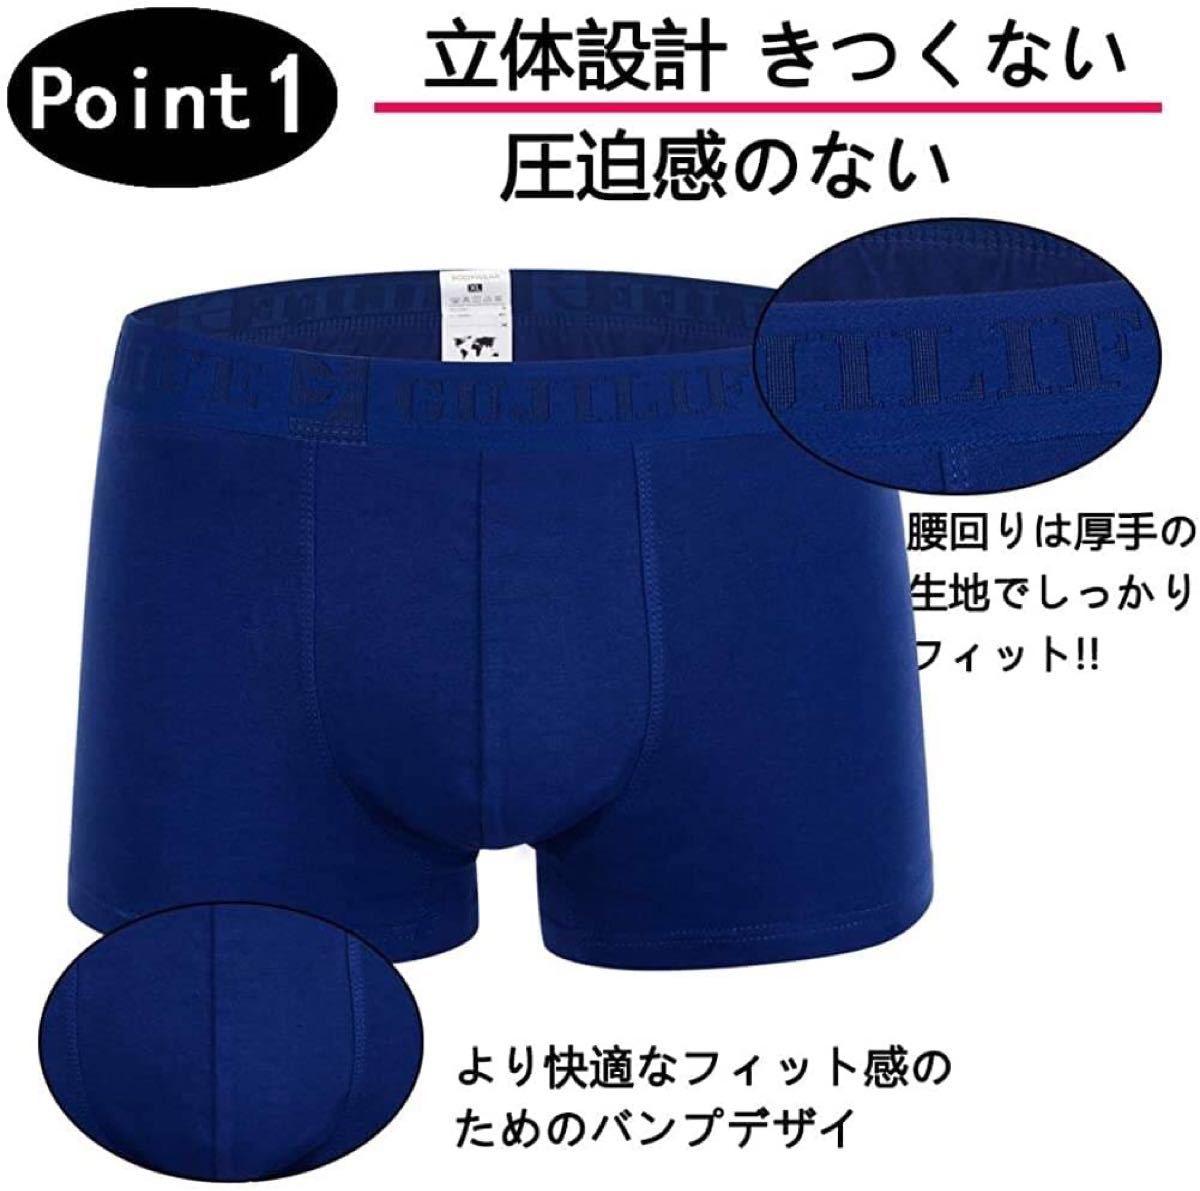 ボクサーパンツ メンズ ボクサーブリーフ 4枚セット